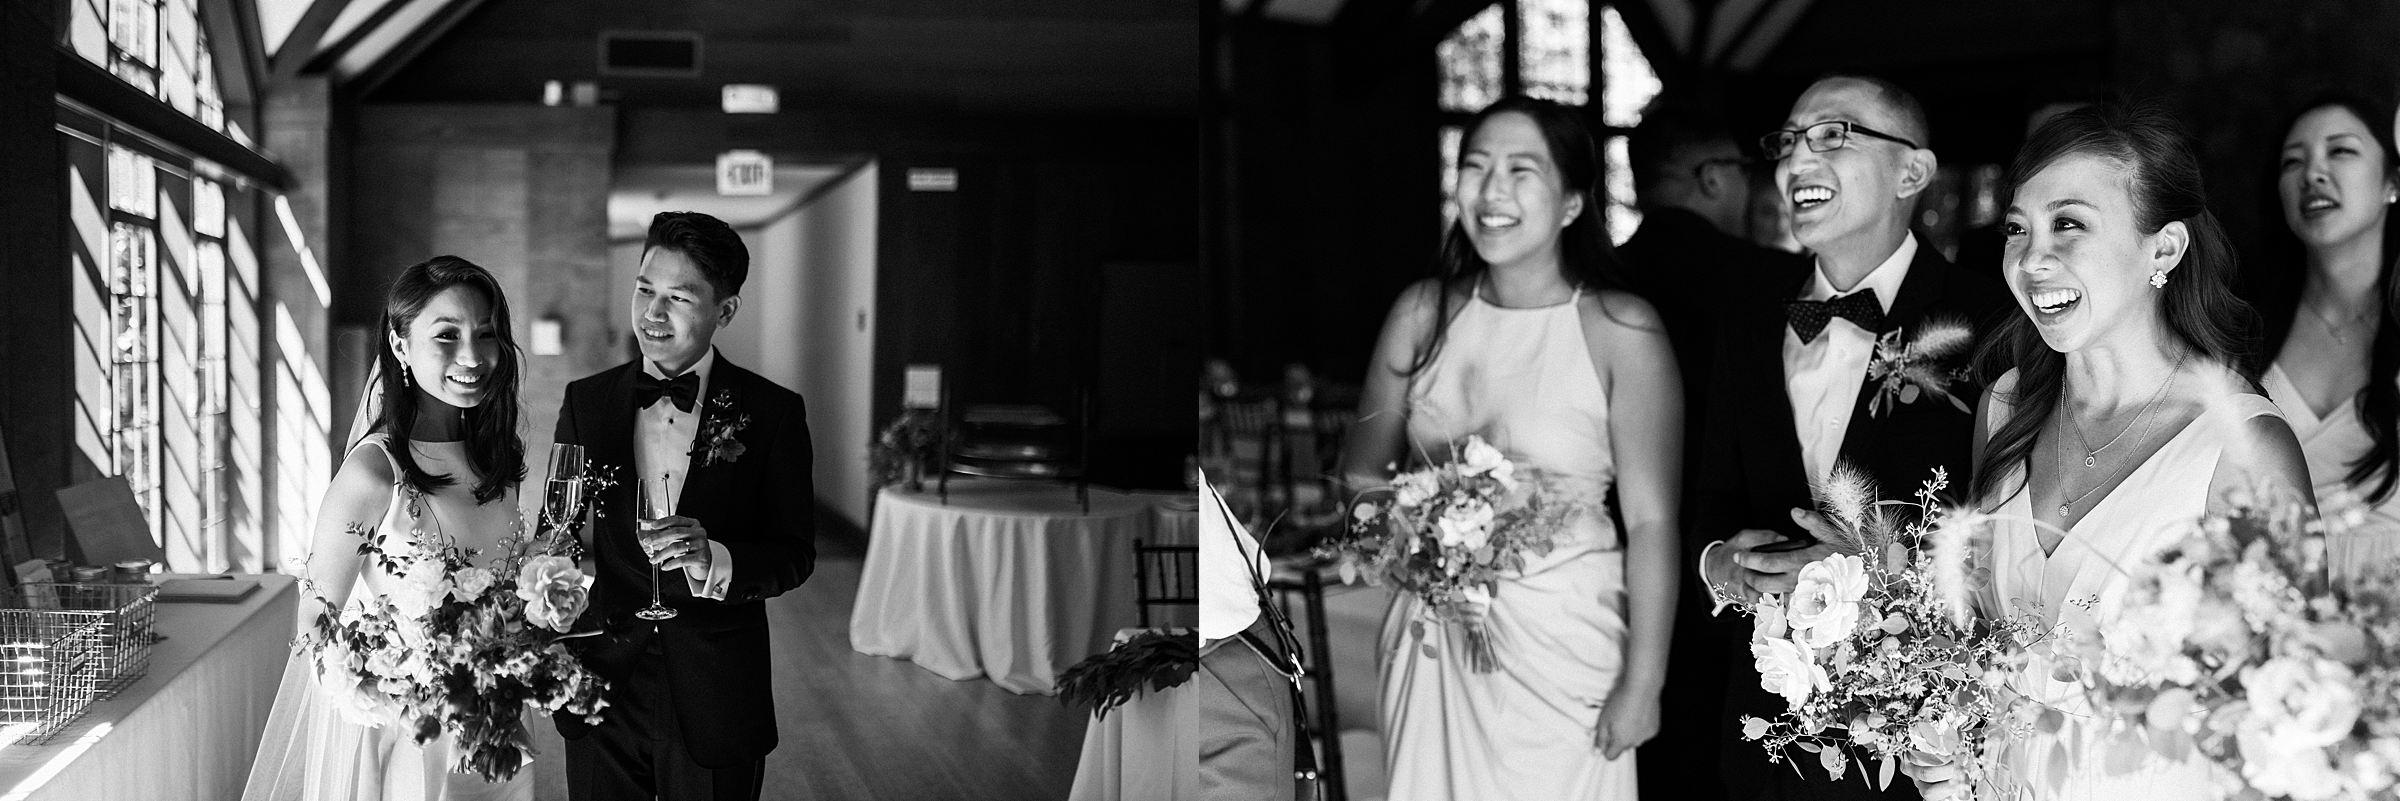 brazilian-room-wedding_5465.jpg